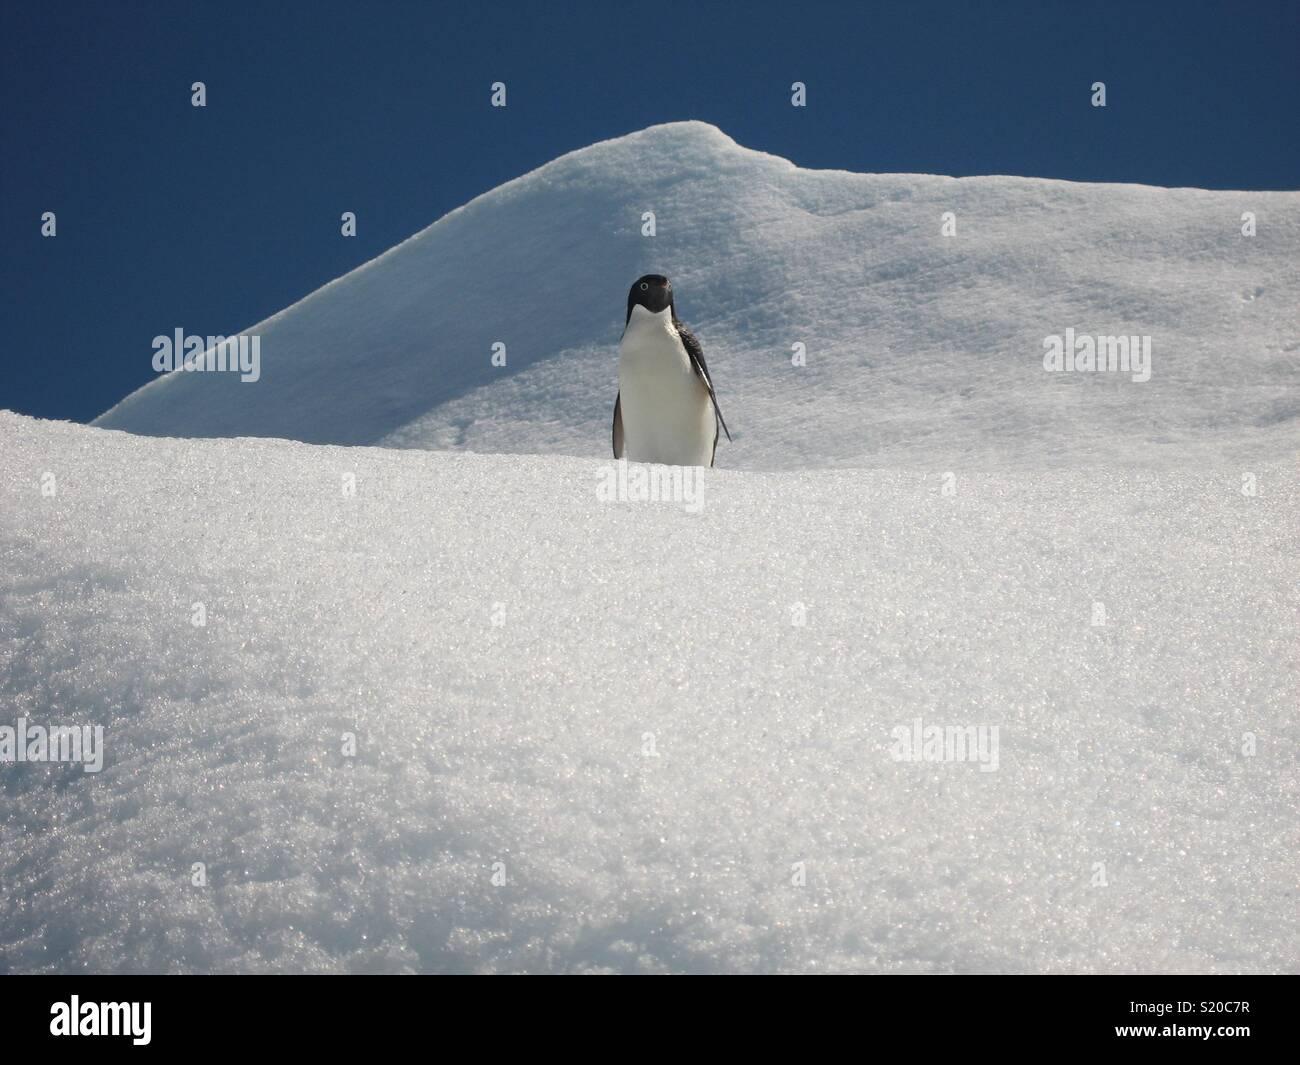 Adelie Penguin, Penisola antartica. Immagini Stock